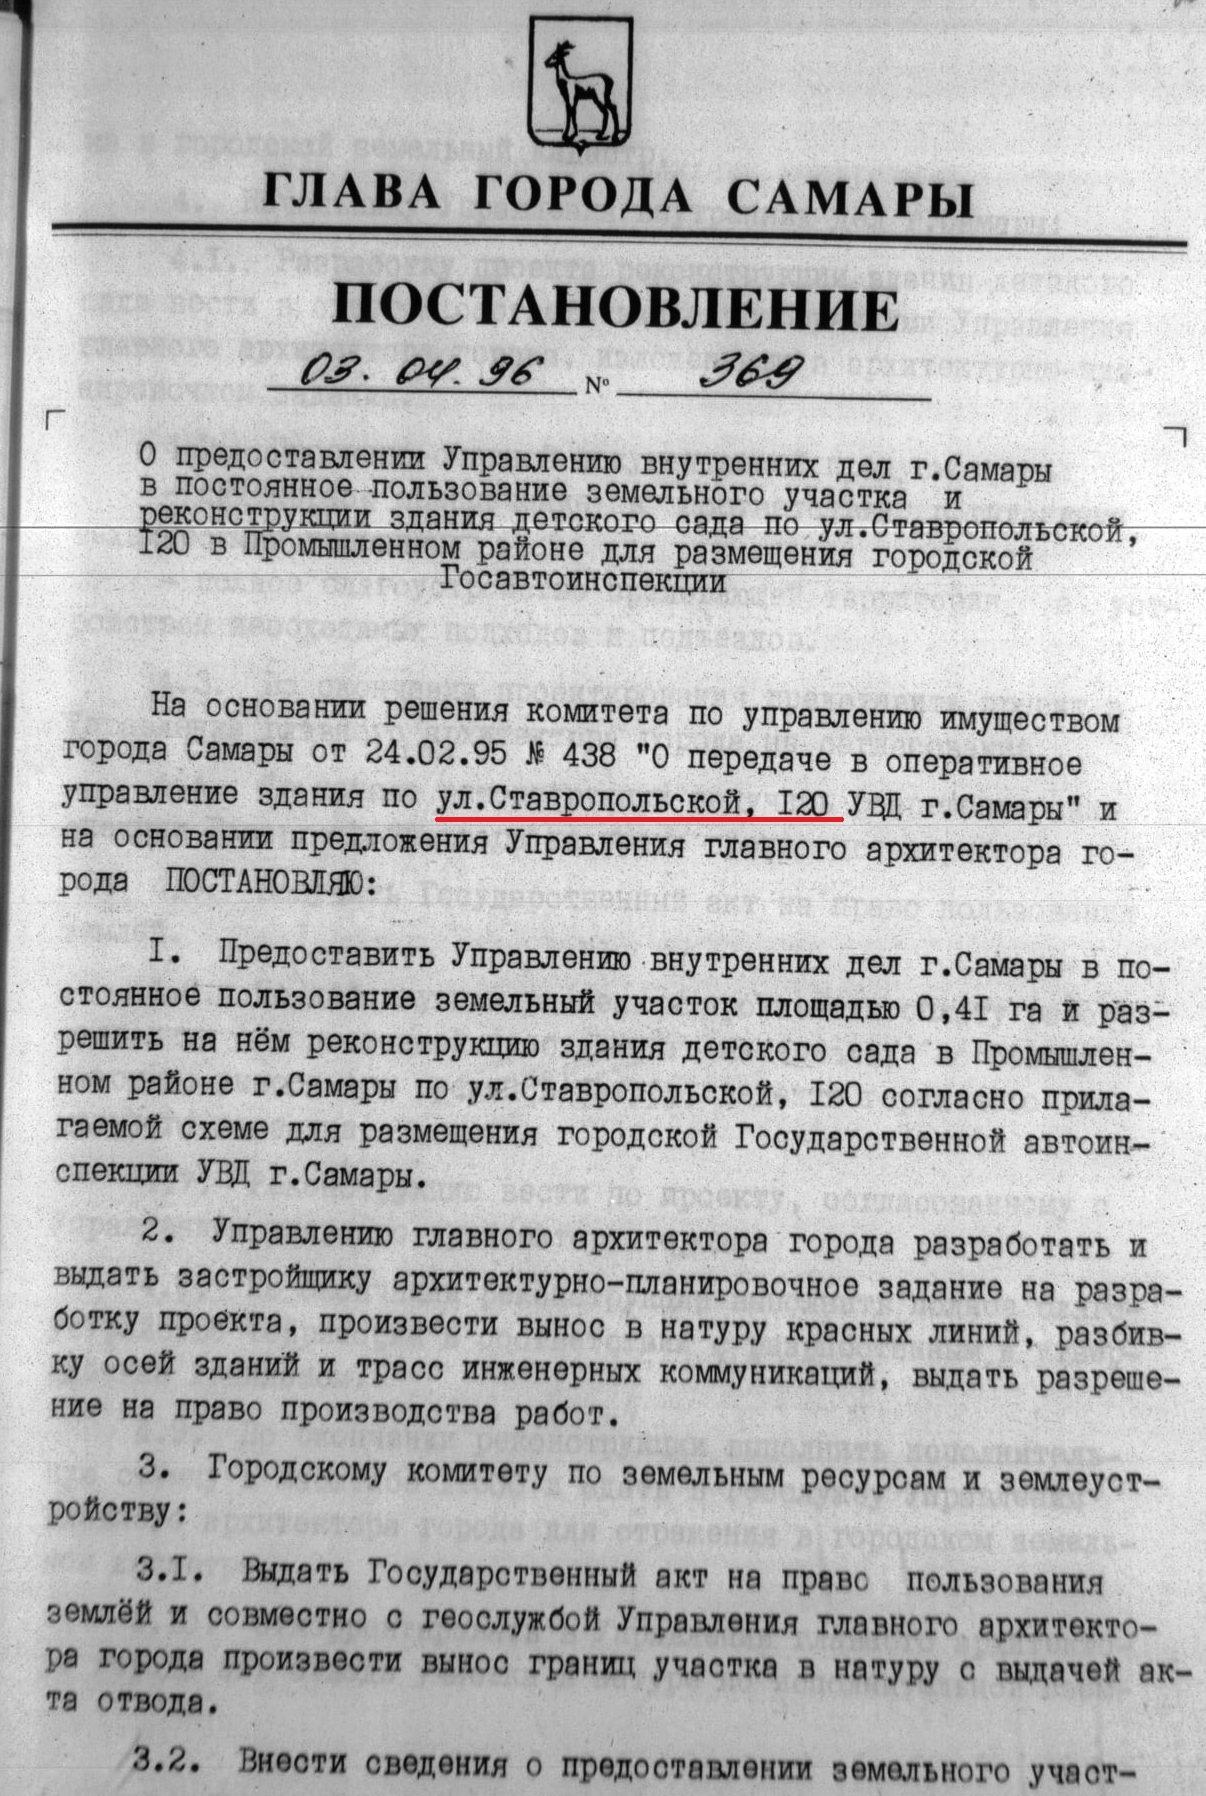 Ставропольская, 120